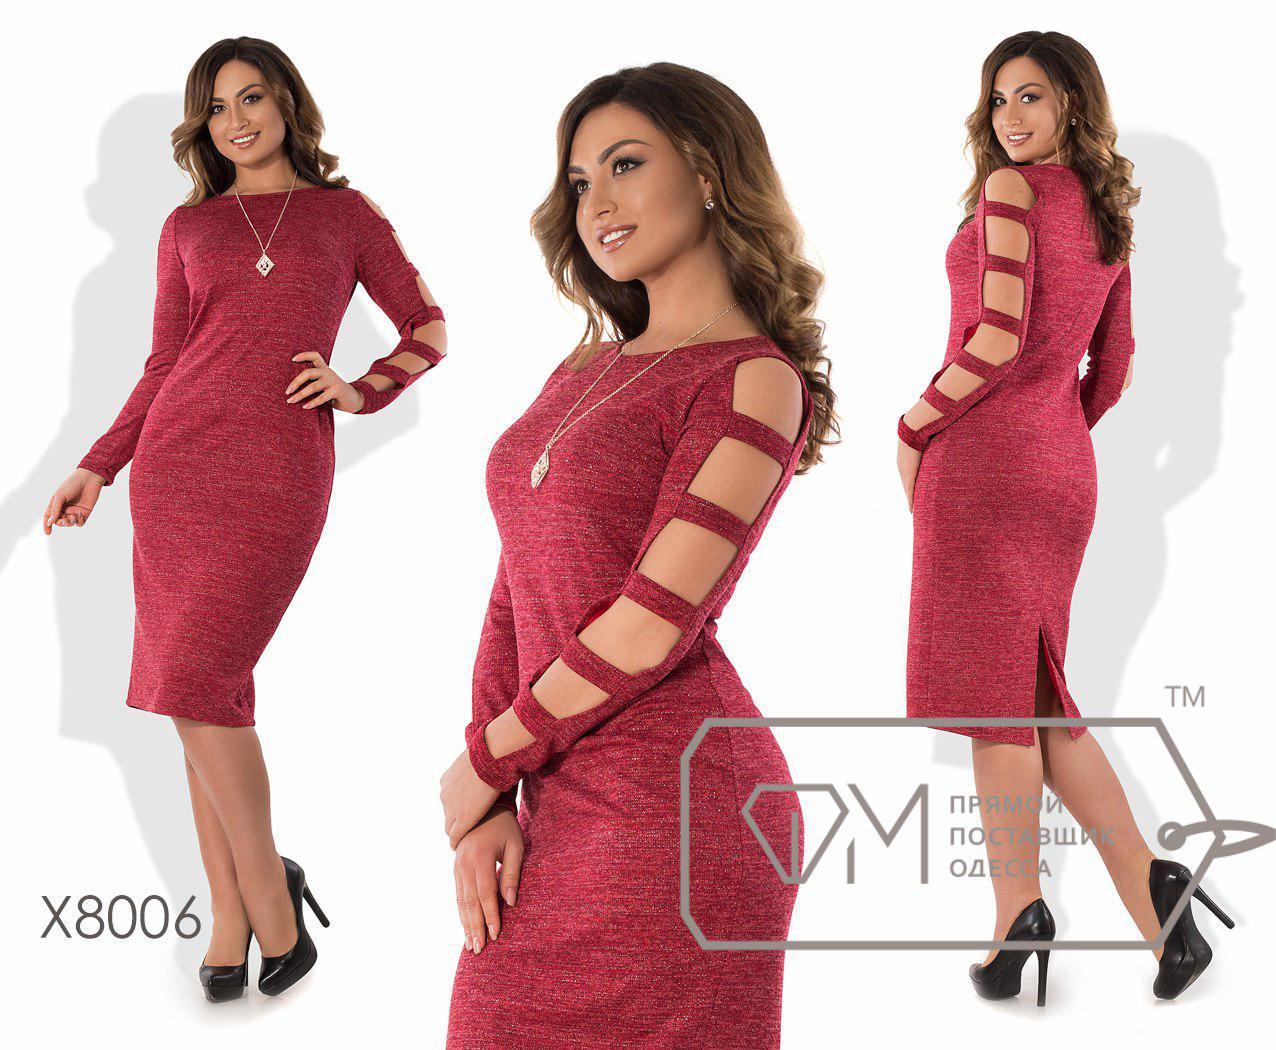 Модное облегающее платье с разрезами на рукавах  Размеры: 48, 50, 52, 54